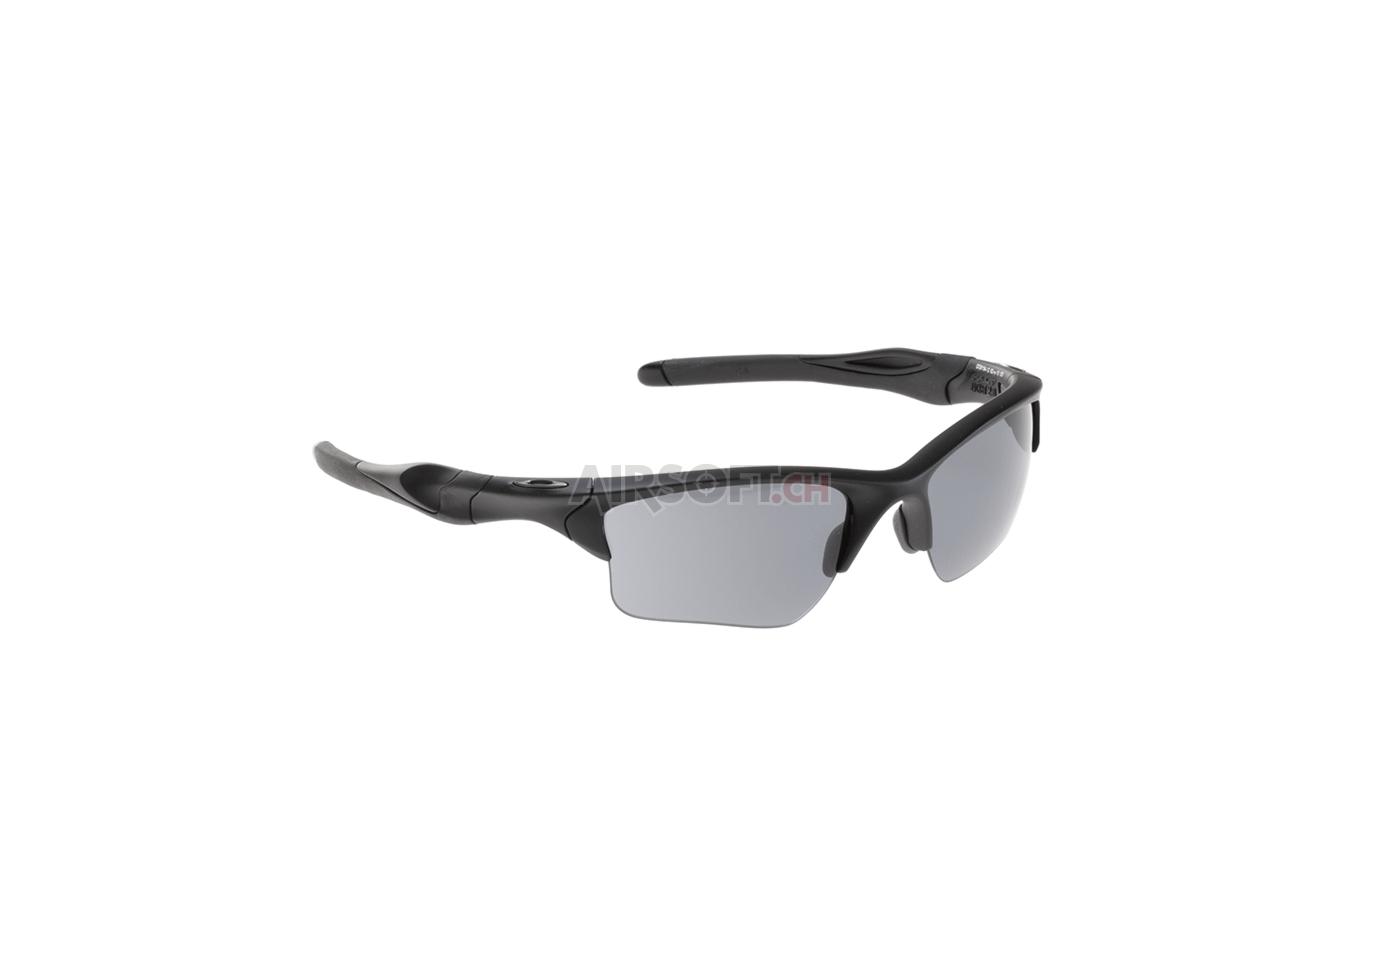 93309d1f16 SI Half Jacket 2.0 XL Black (Oakley) - Brillen - Schutzbrillen ...